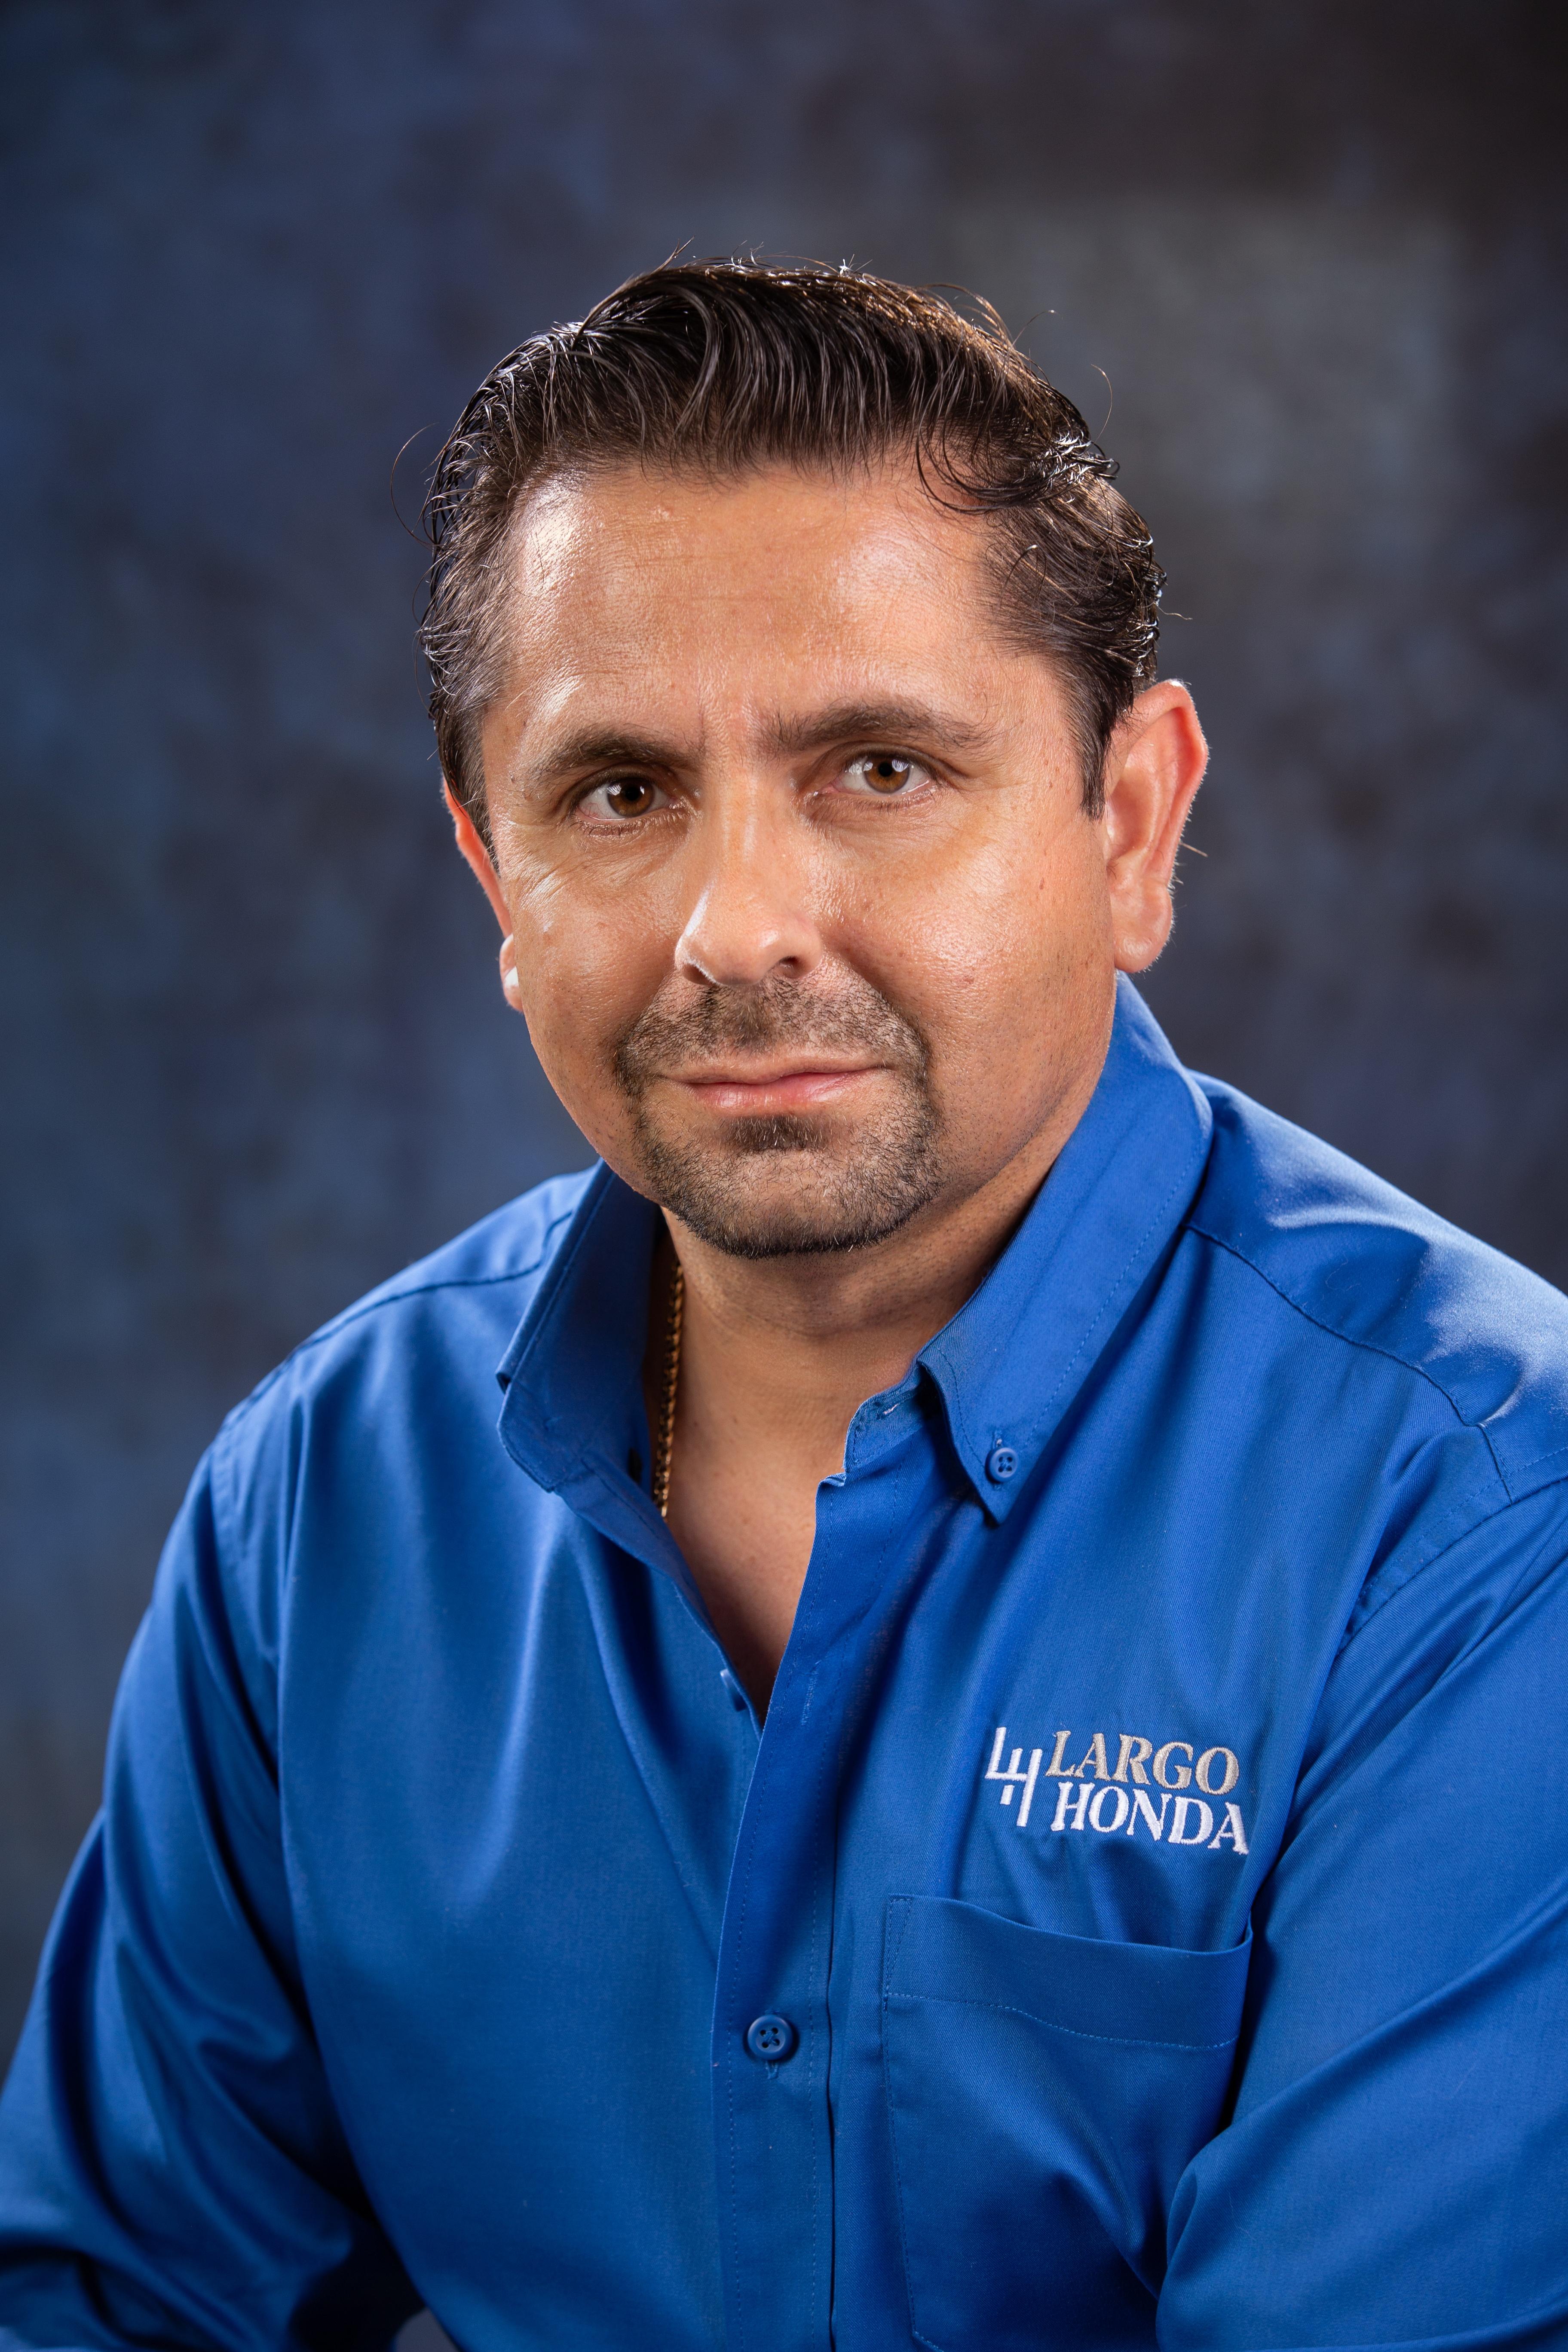 Antonio Ballesteros Bio Image